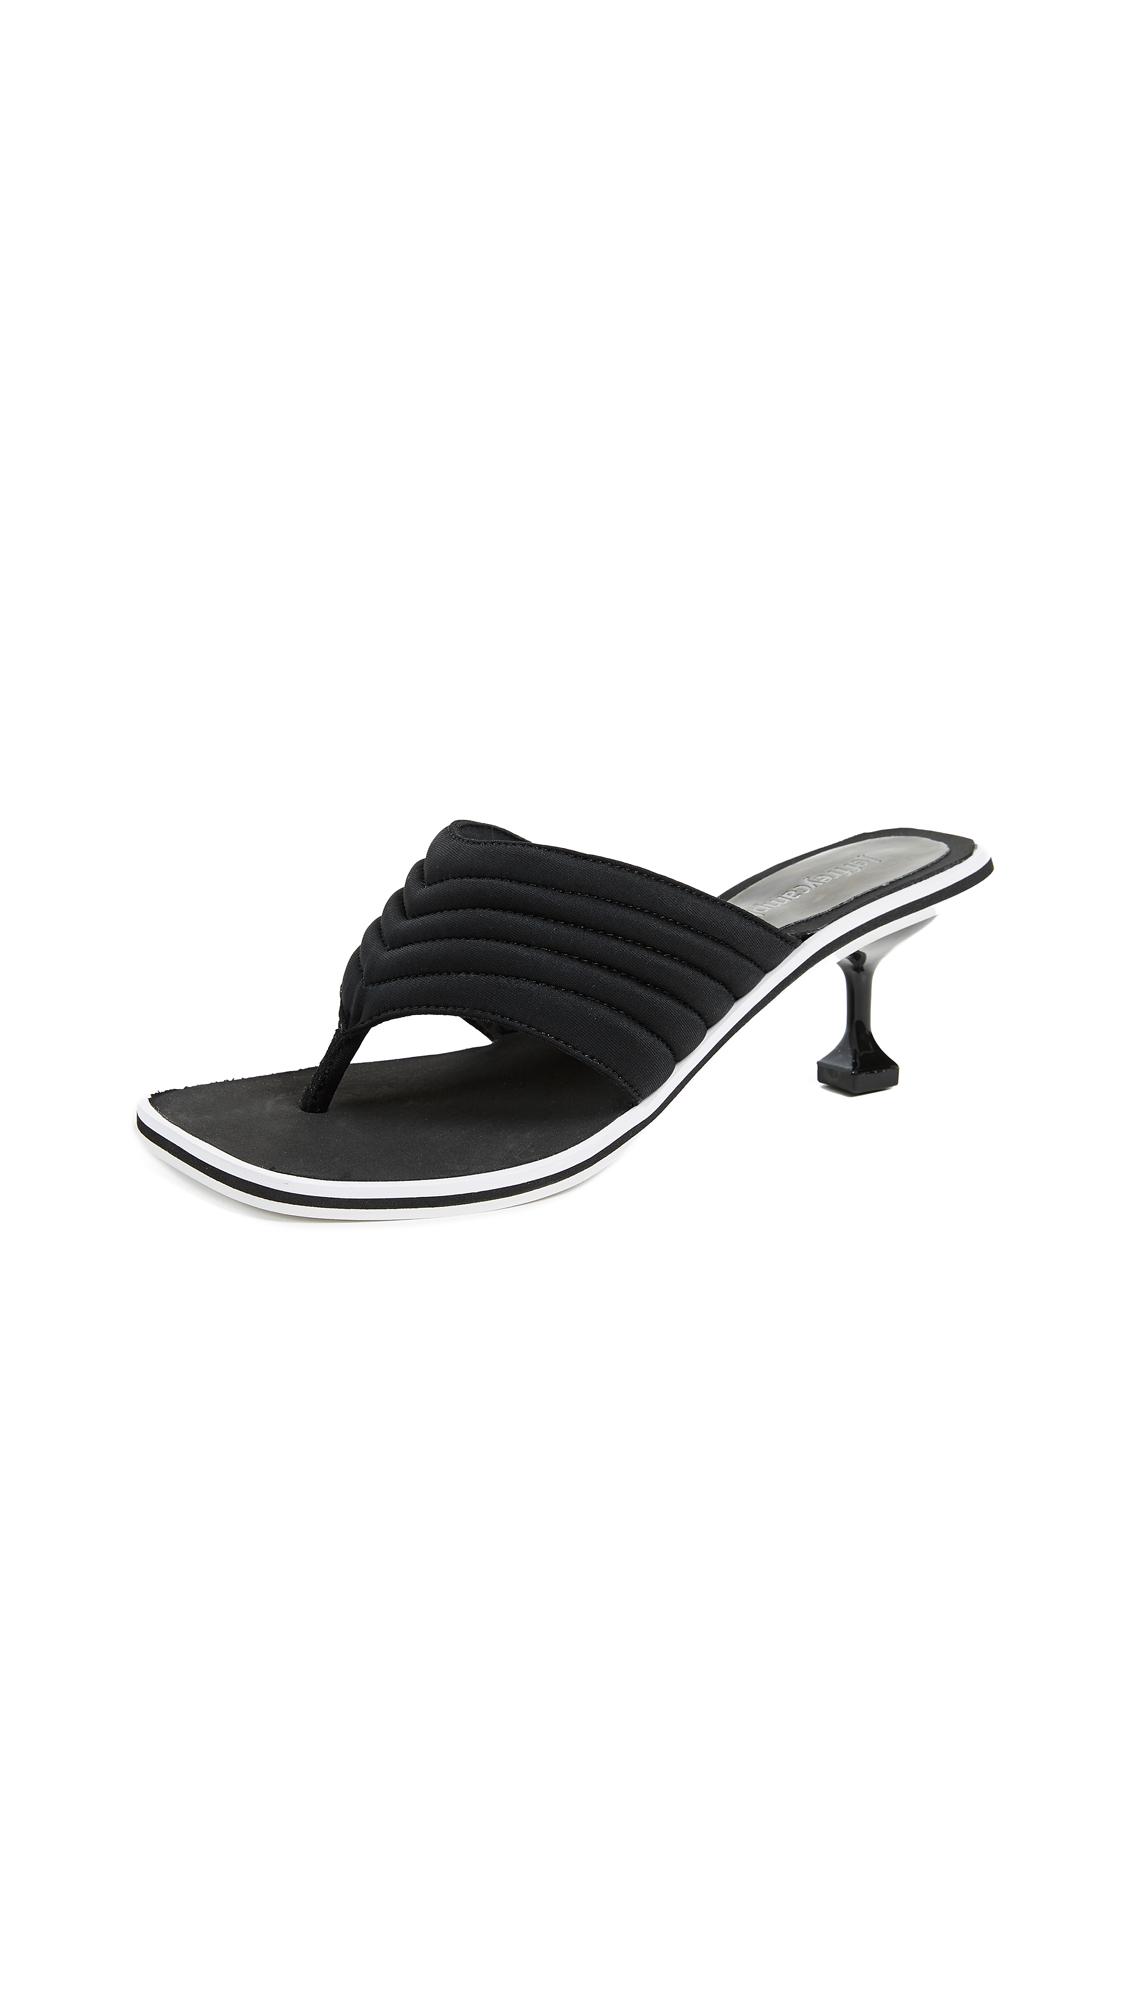 Jeffrey Campbell Overtime Kitten Heel Flip Flops - Black